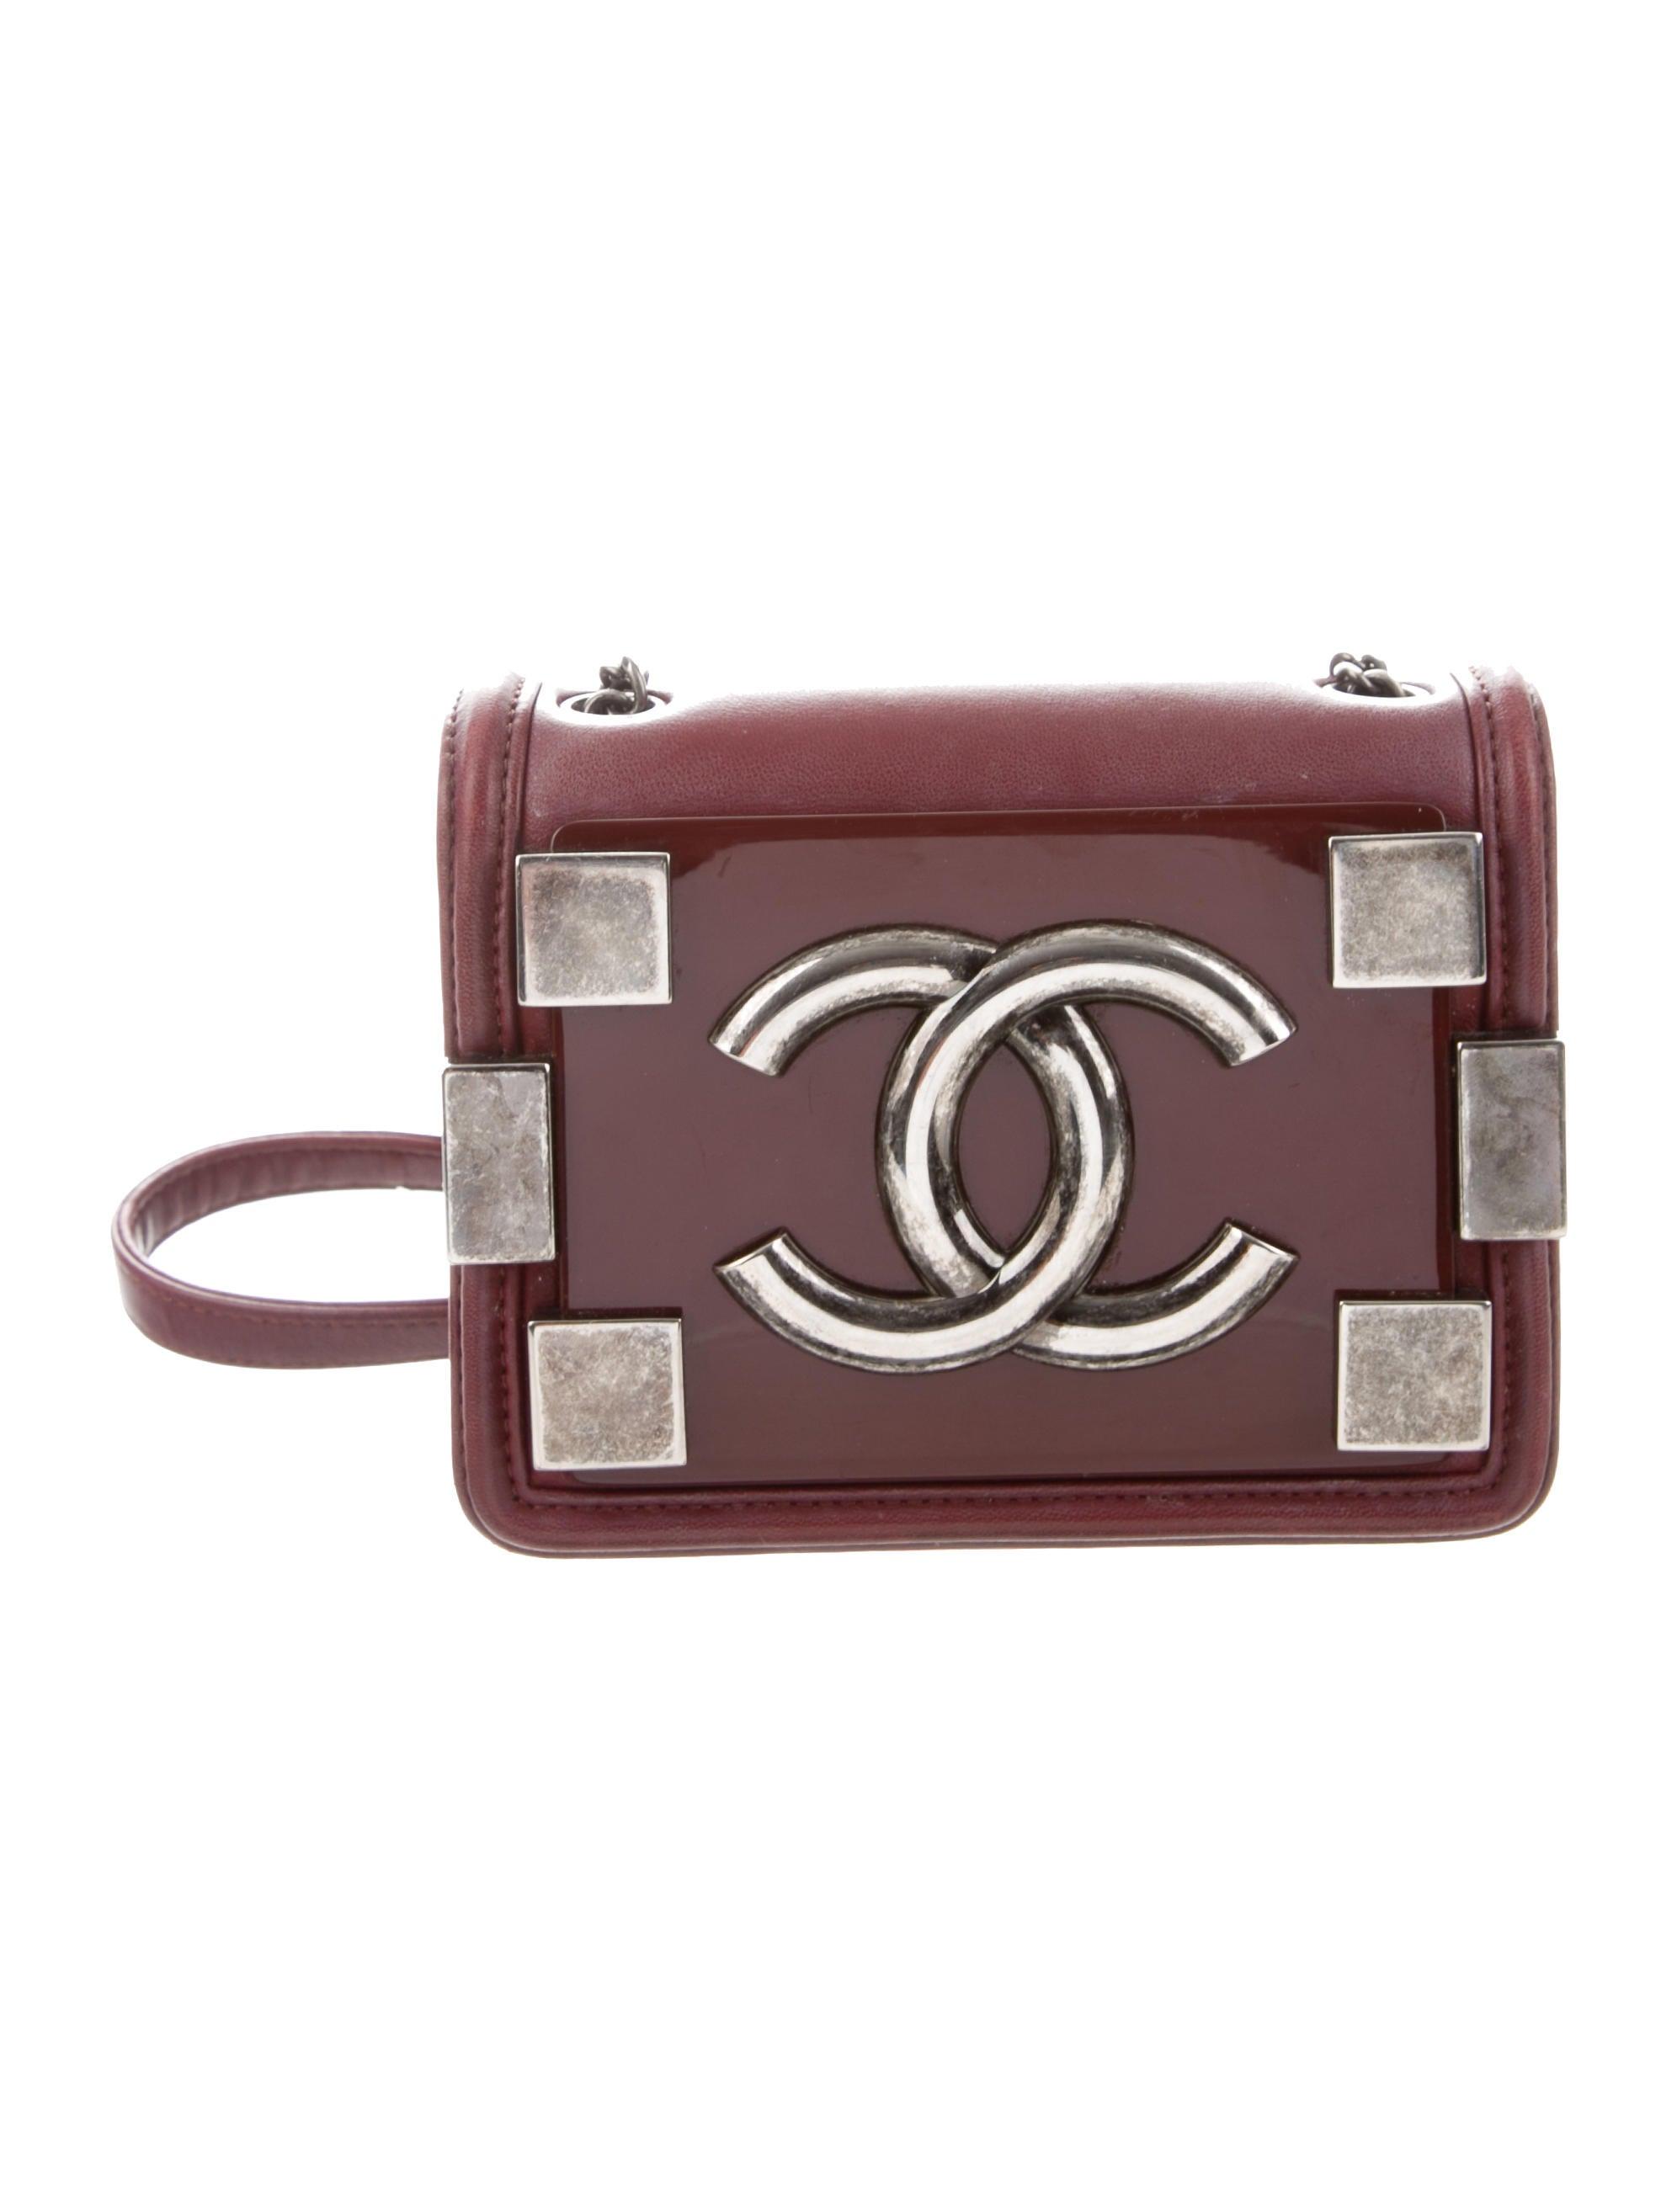 4e152e54f8 Chanel Boy Brick Flap Bag - Handbags - CHA350098